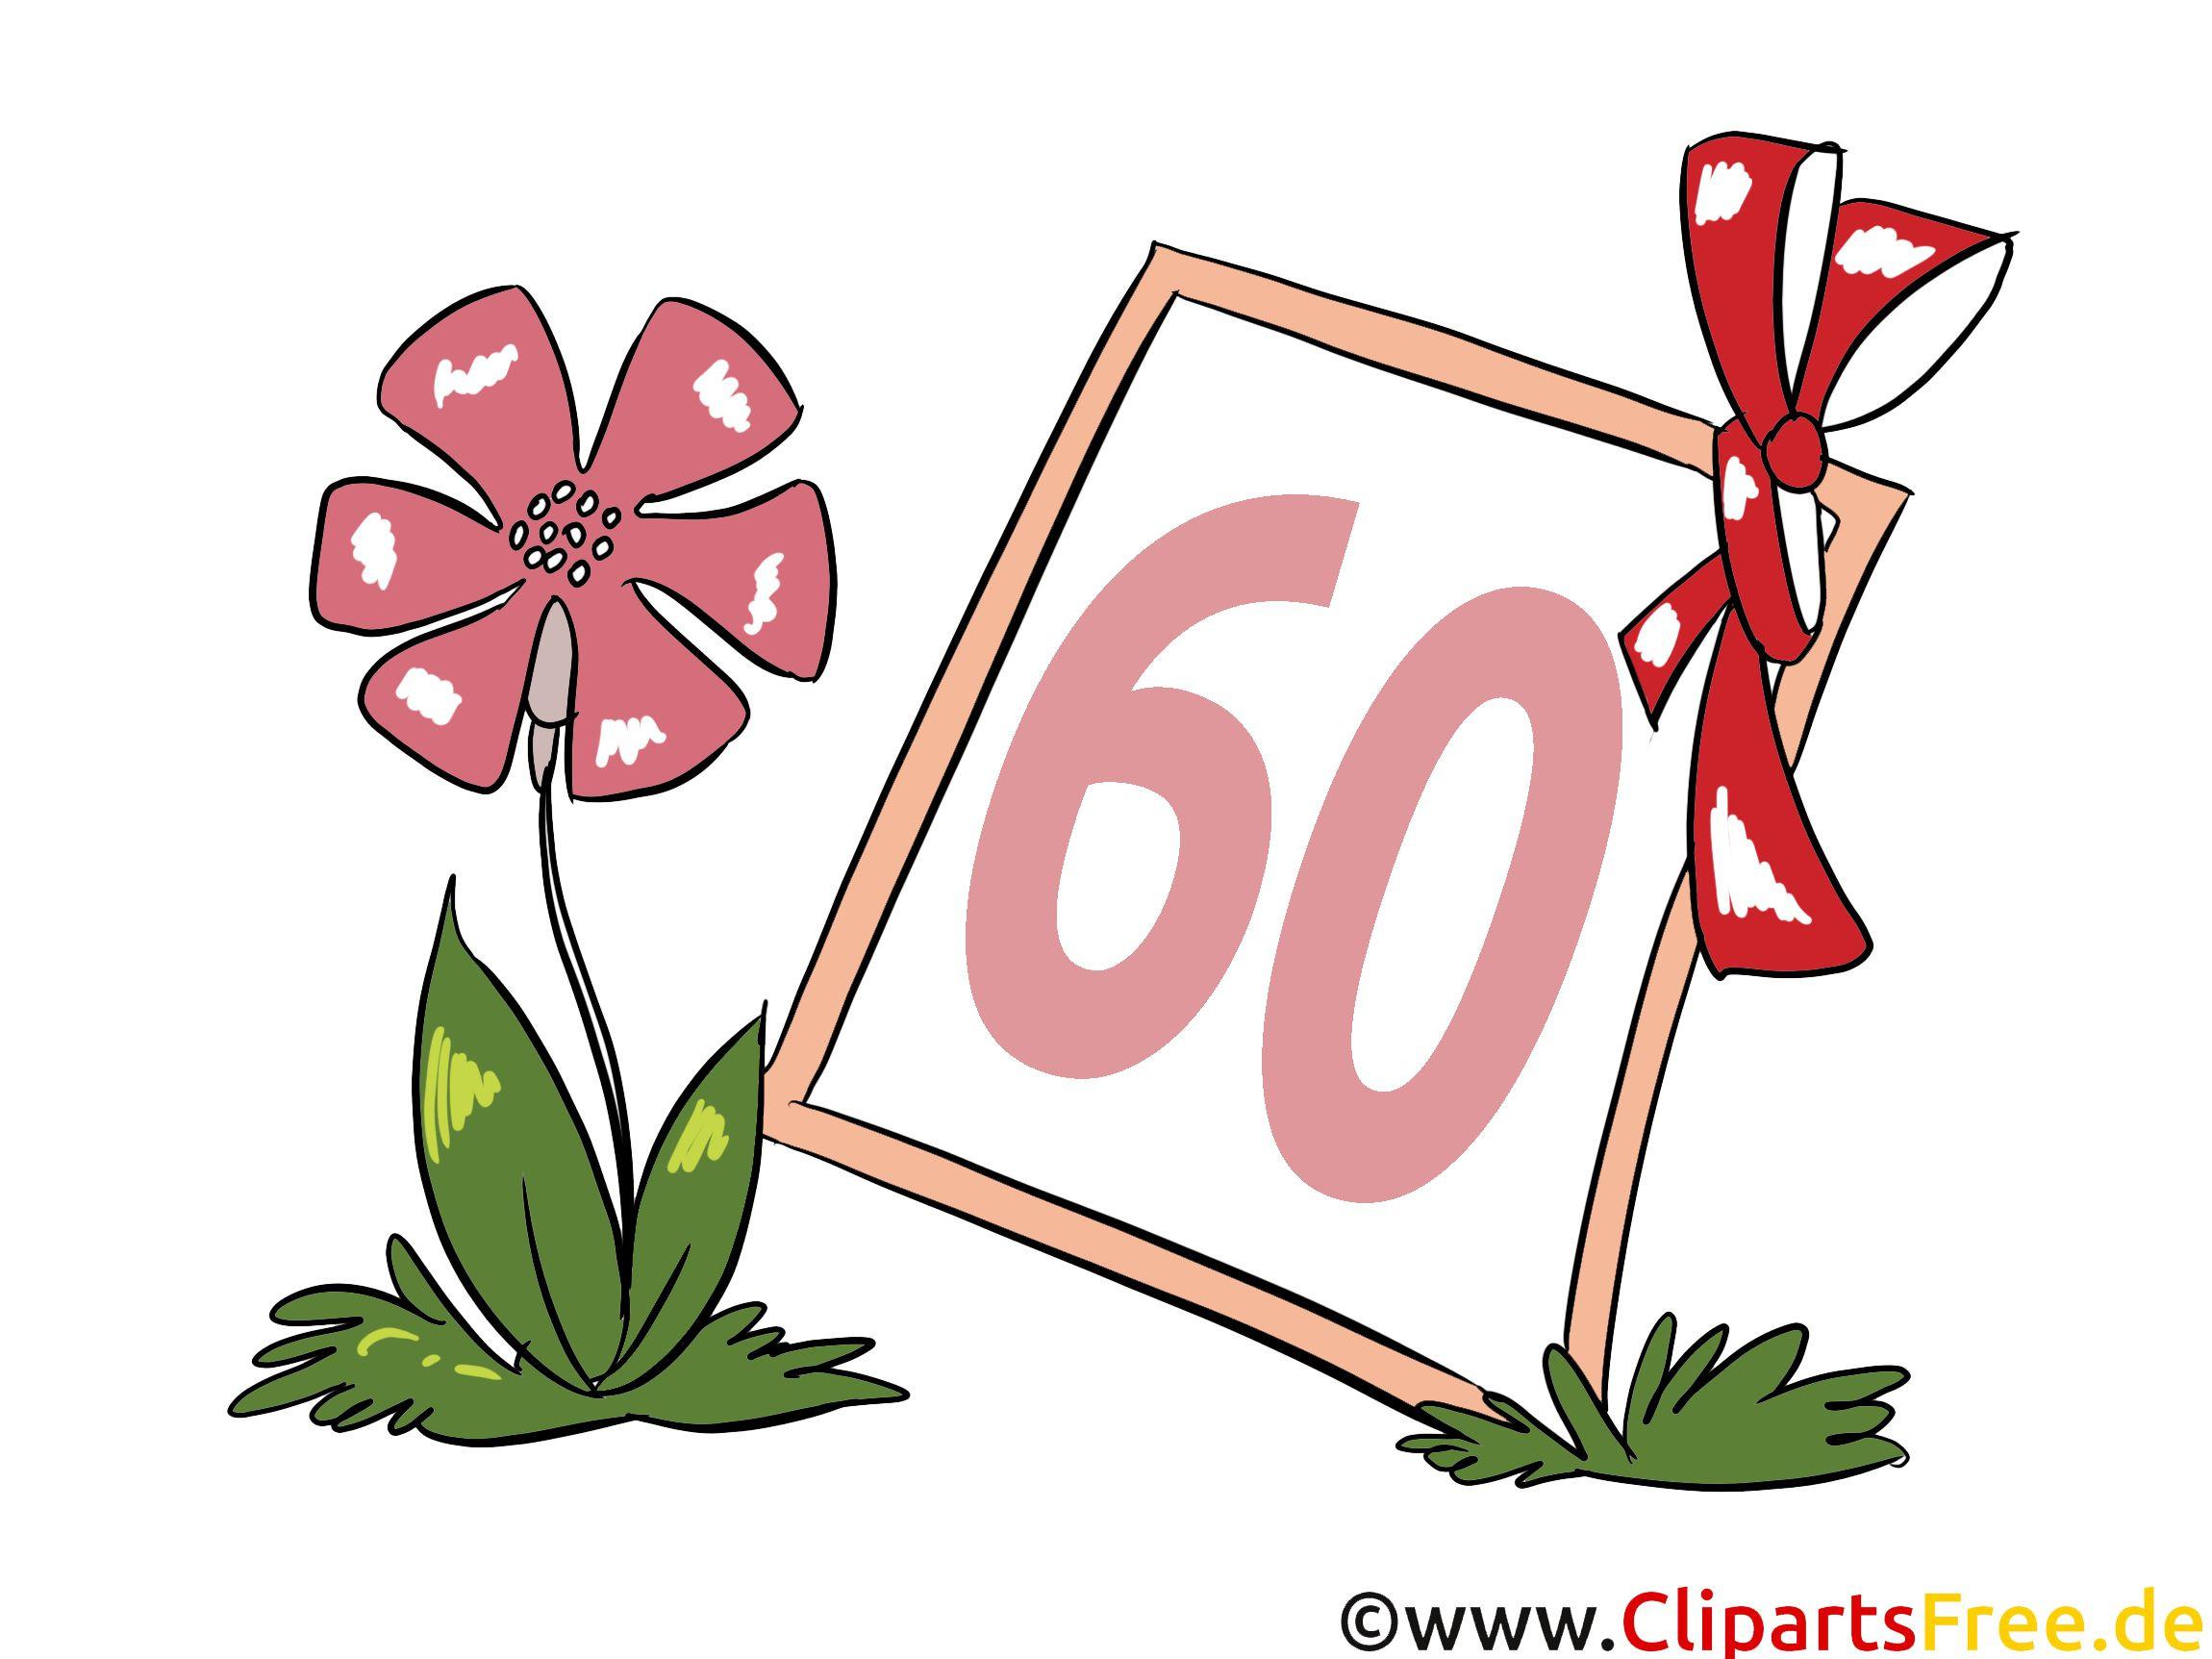 Geburtstagswünsche Bilder  Lustige Bilder Zum 60 Geburtstag